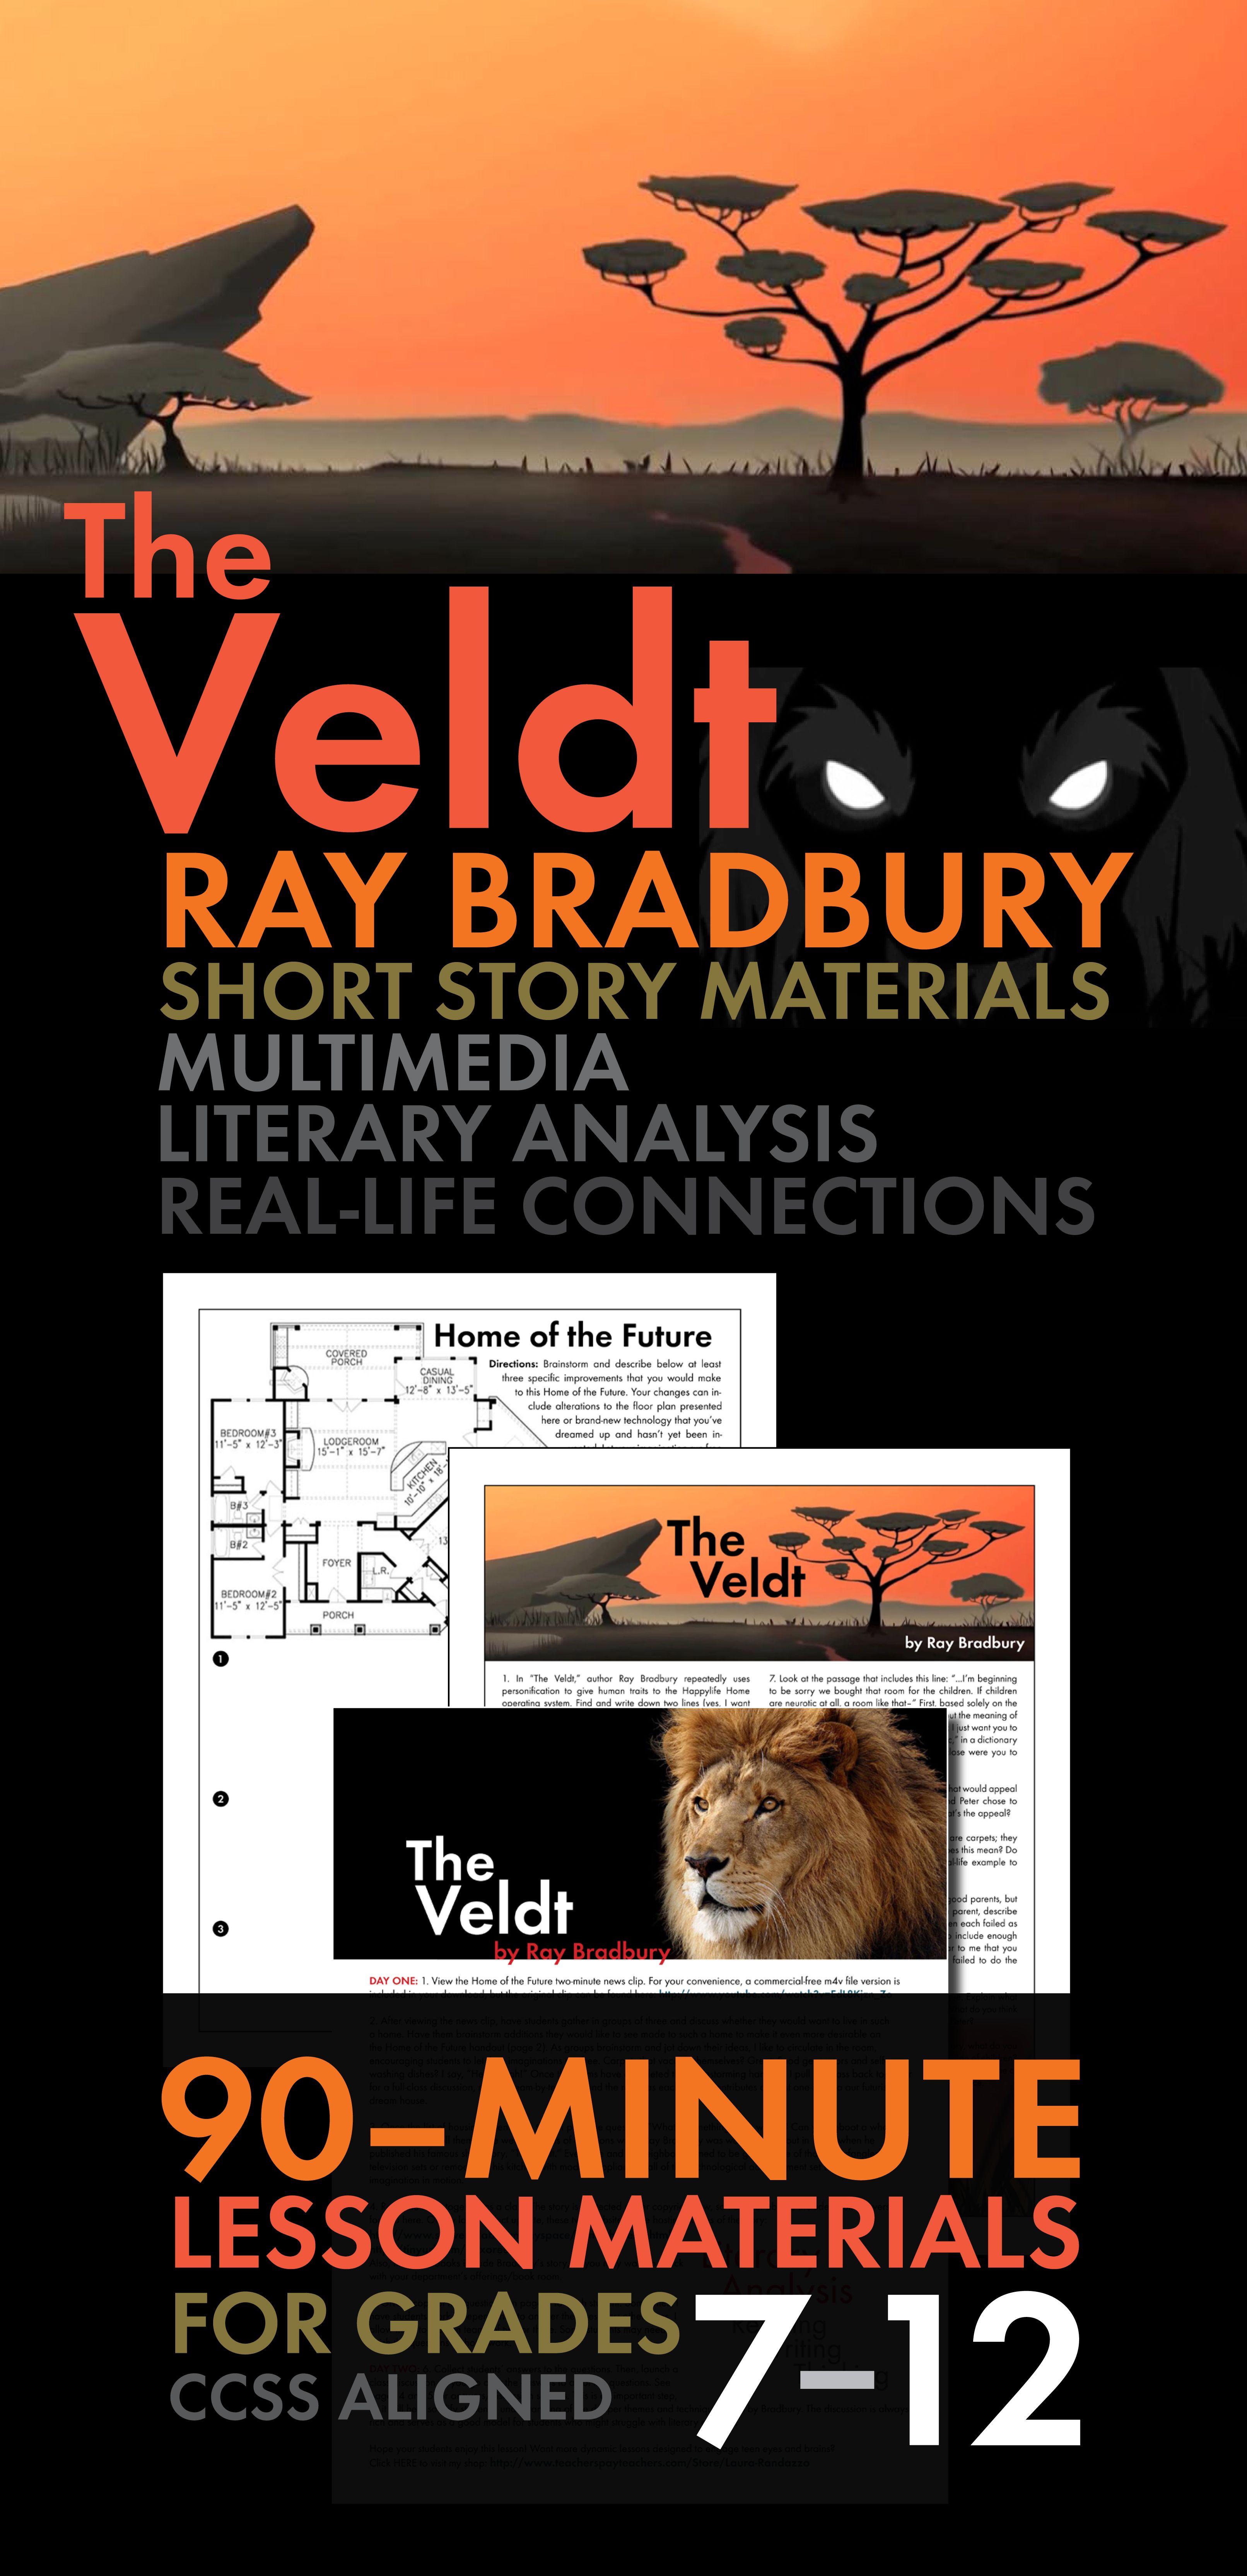 The Veldt Ray Bradbury Short Story Worksheets And